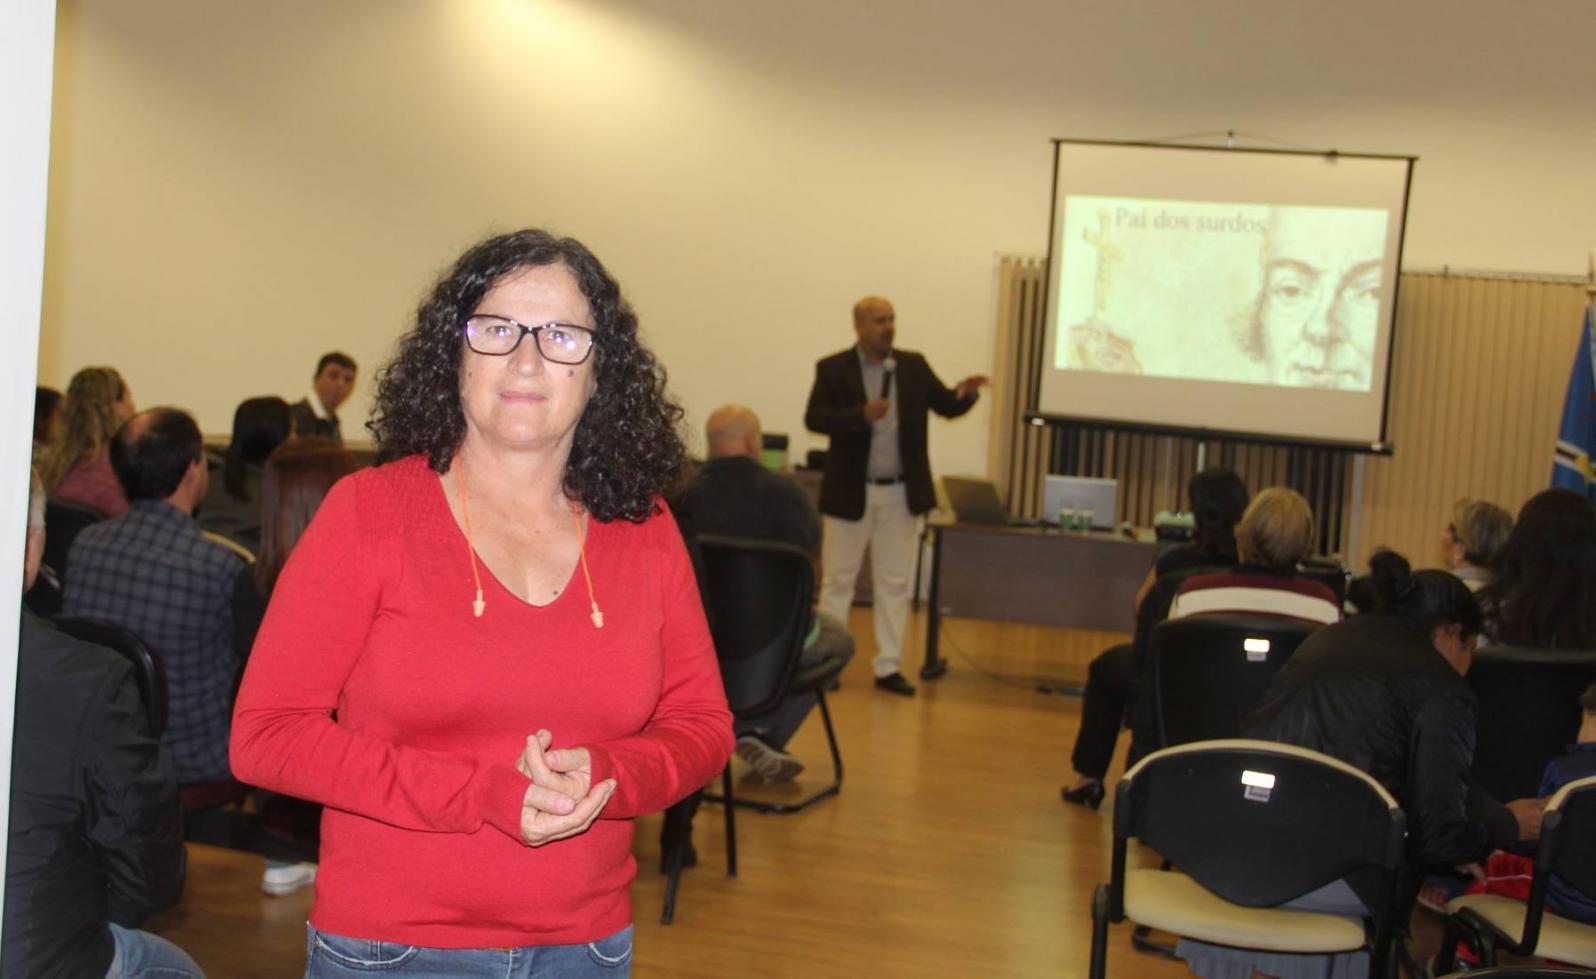 Educação, libras e inclusão são temas de encontro para surdos em Cordeirópolis